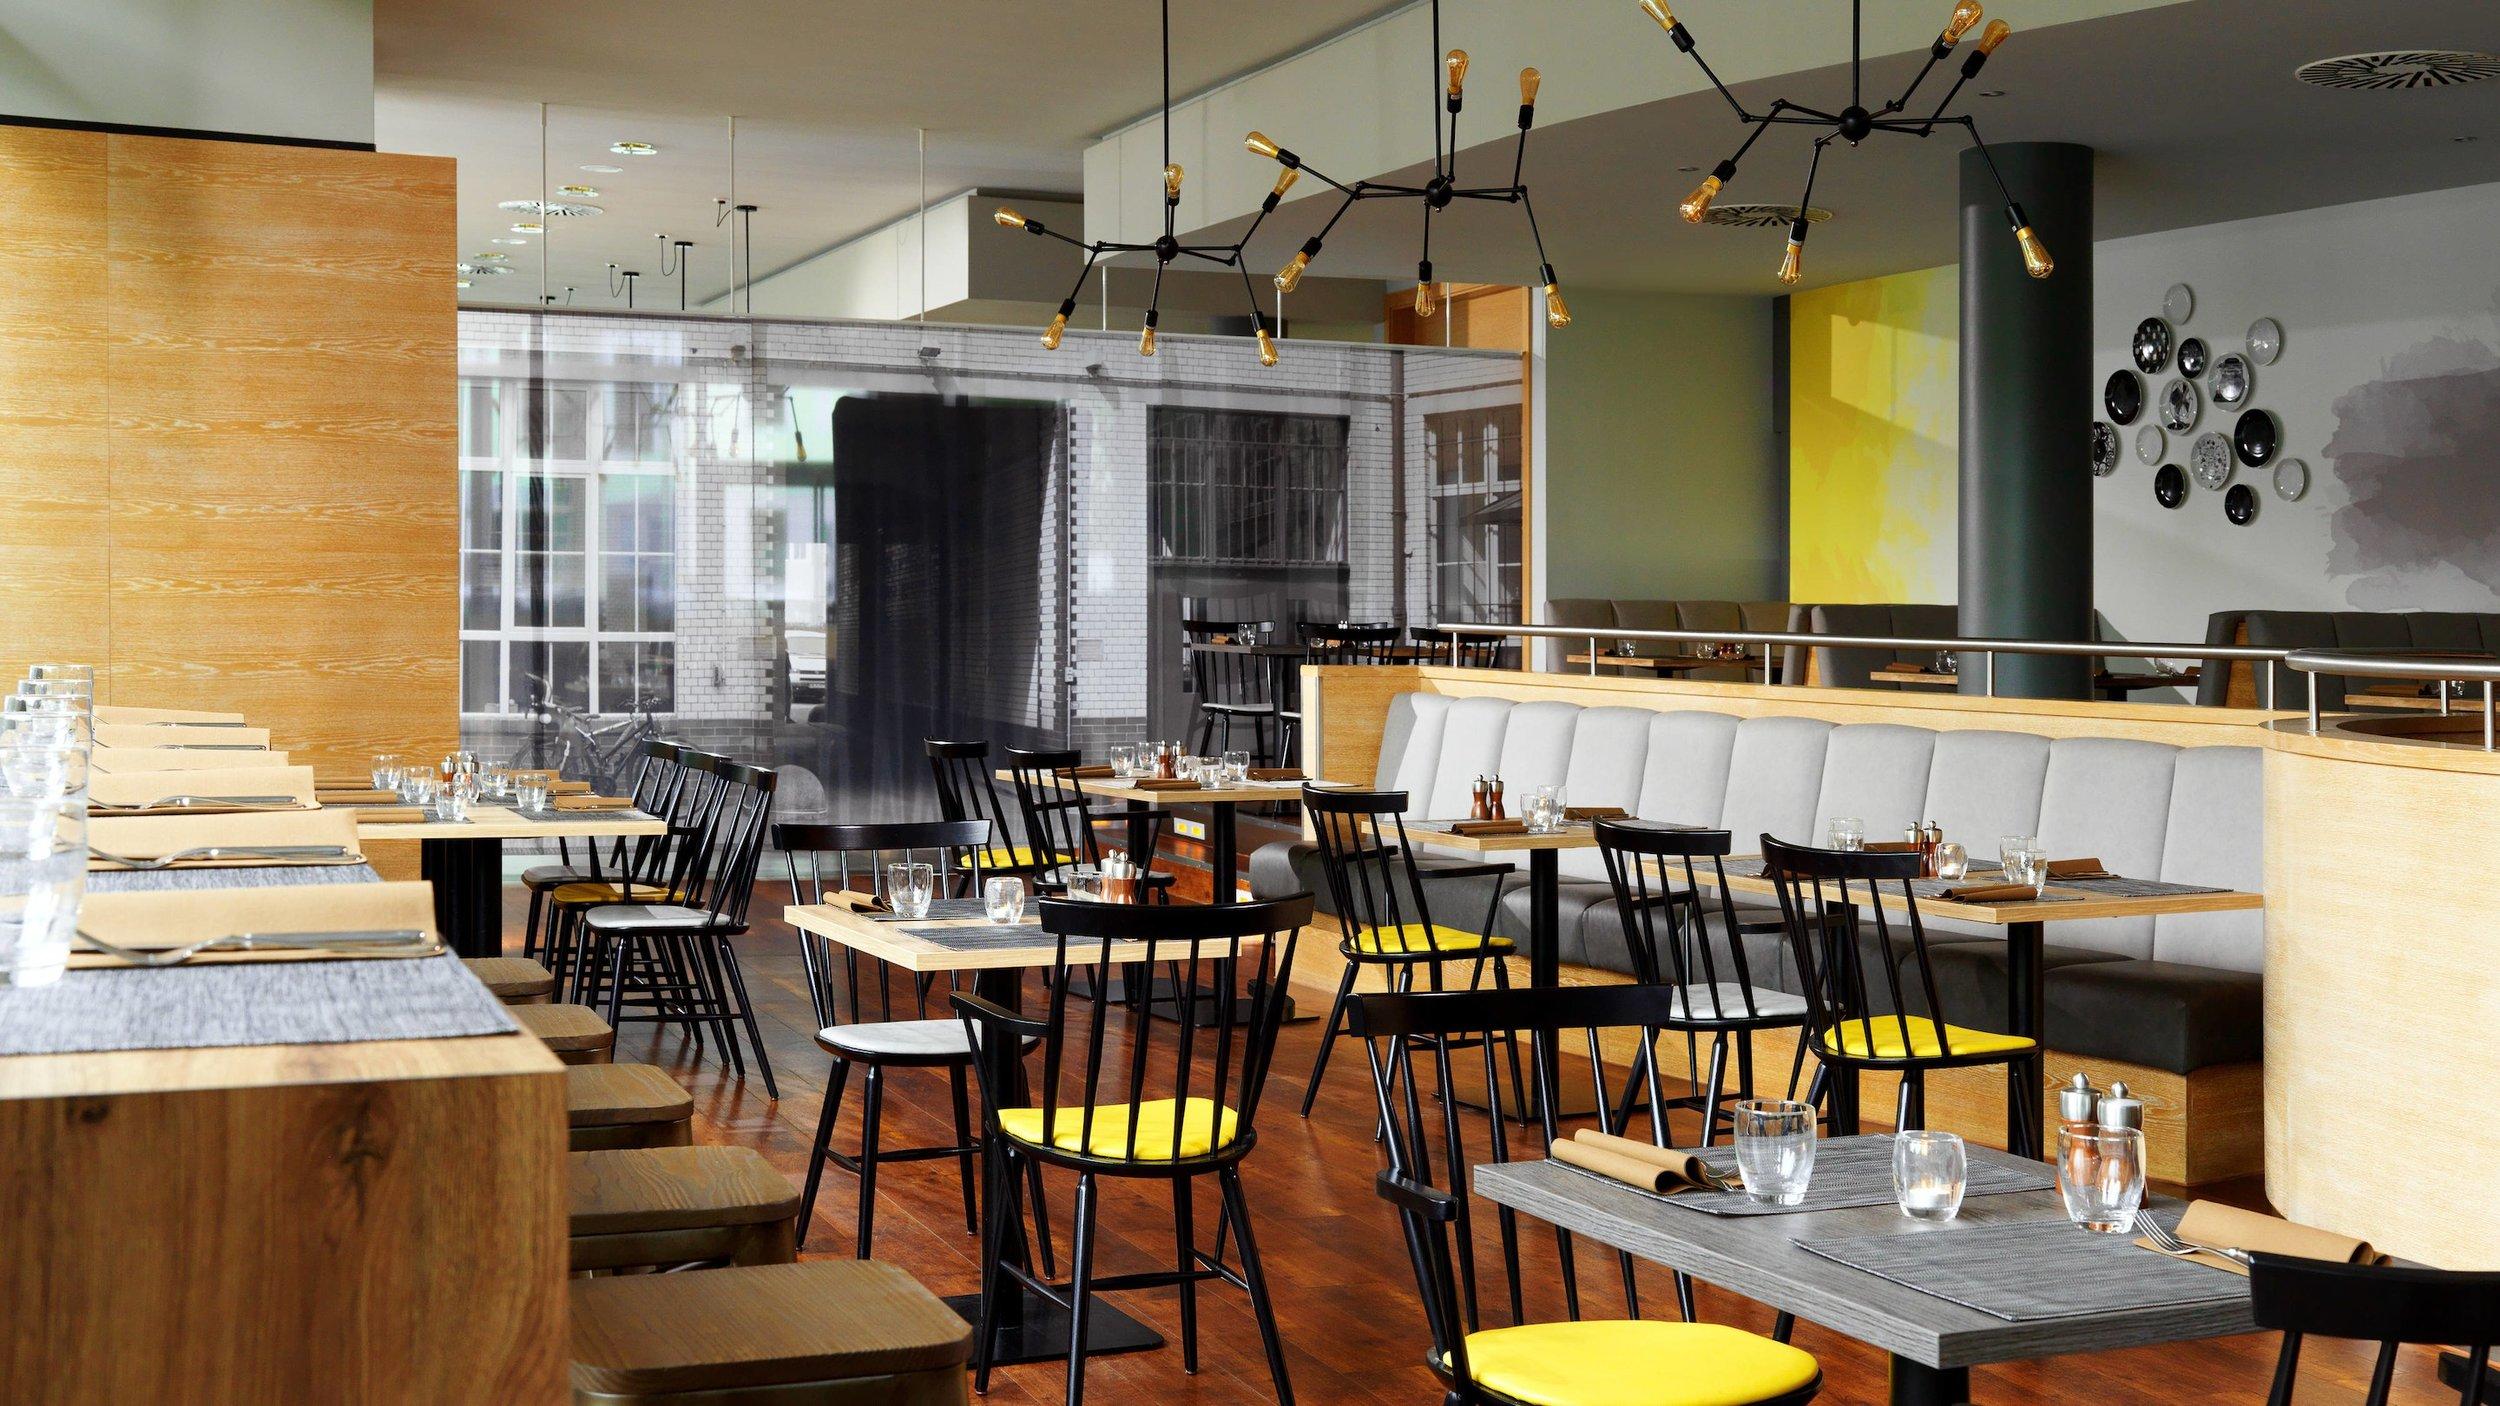 bermt-restaurant-0075-hor-wide.jpg